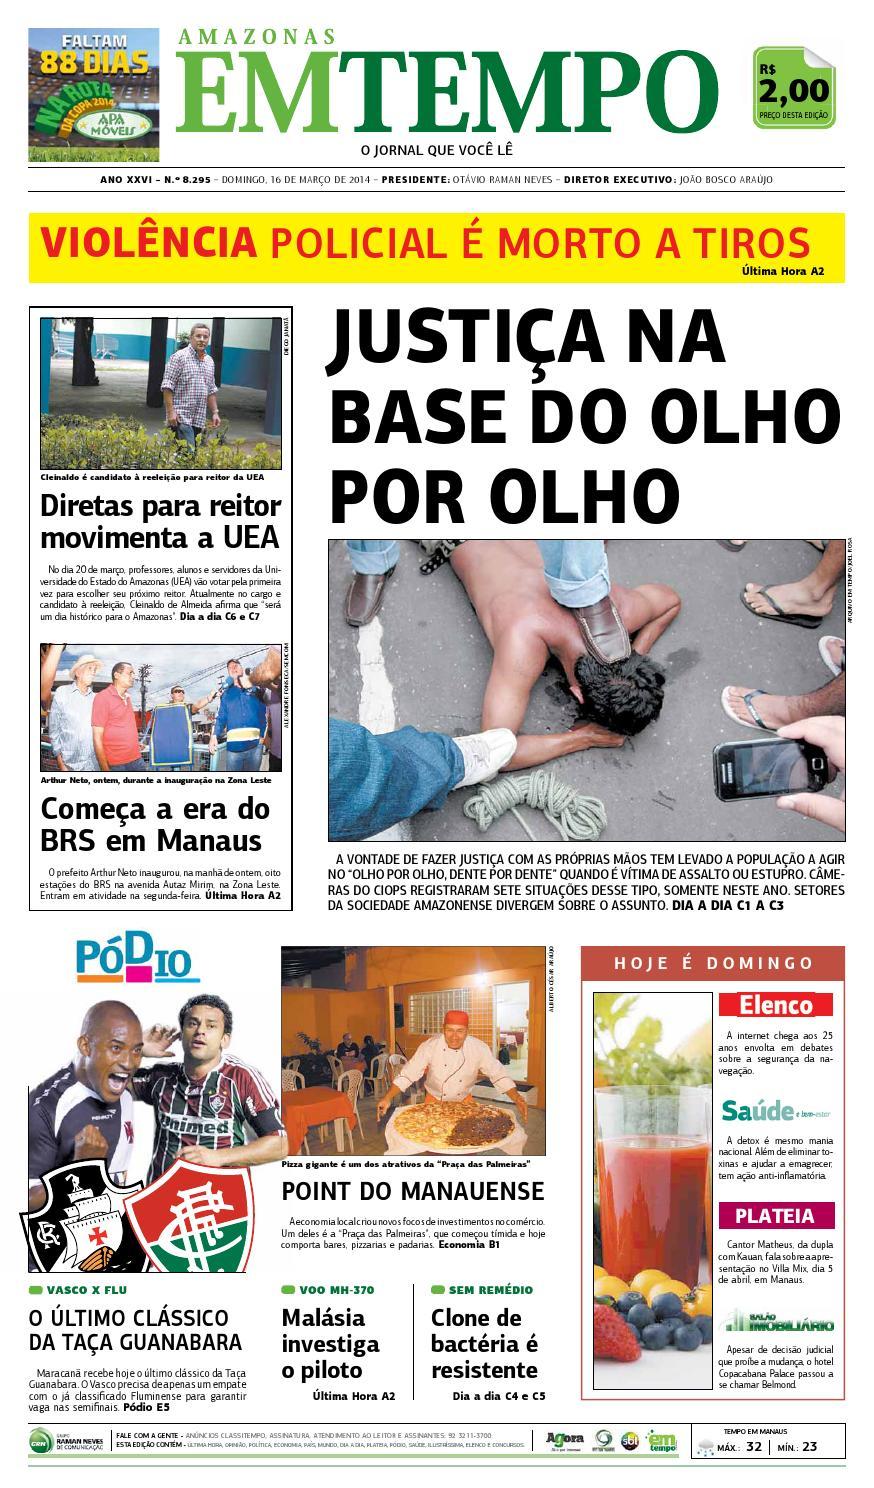 EM TEMPO - 16 de março de 2014 by Amazonas Em Tempo - issuu 904b99d0e3efa